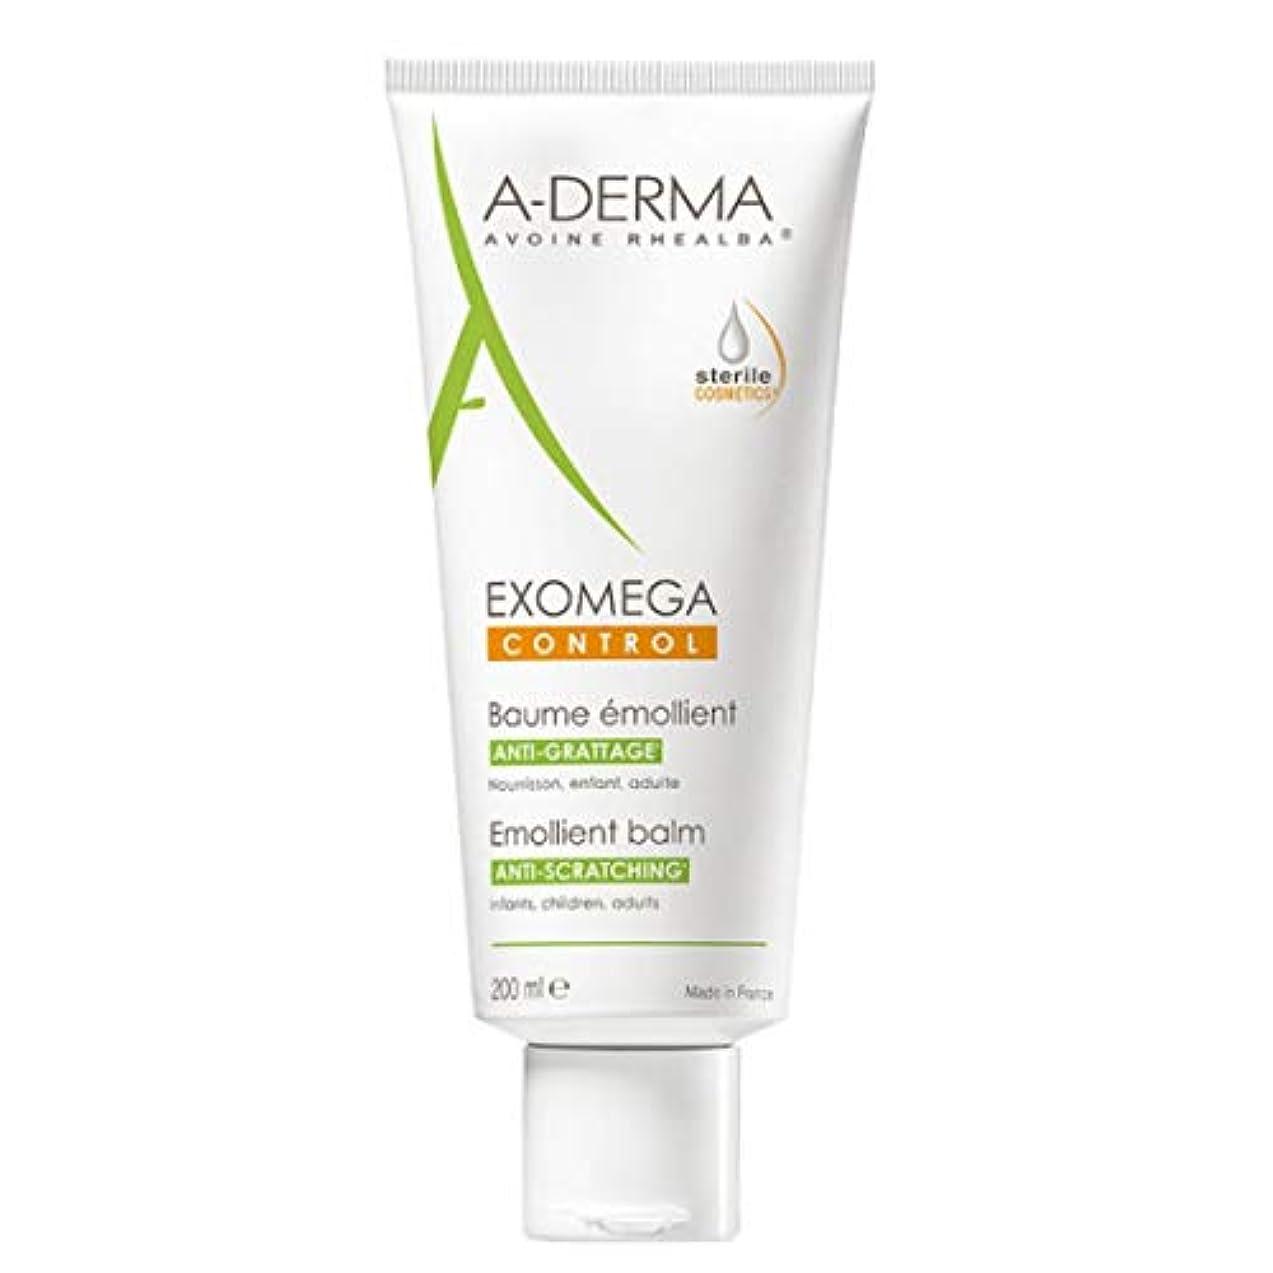 キャッチ細胞寝室A-derma Exomega Control Emollient Balm 200ml [並行輸入品]